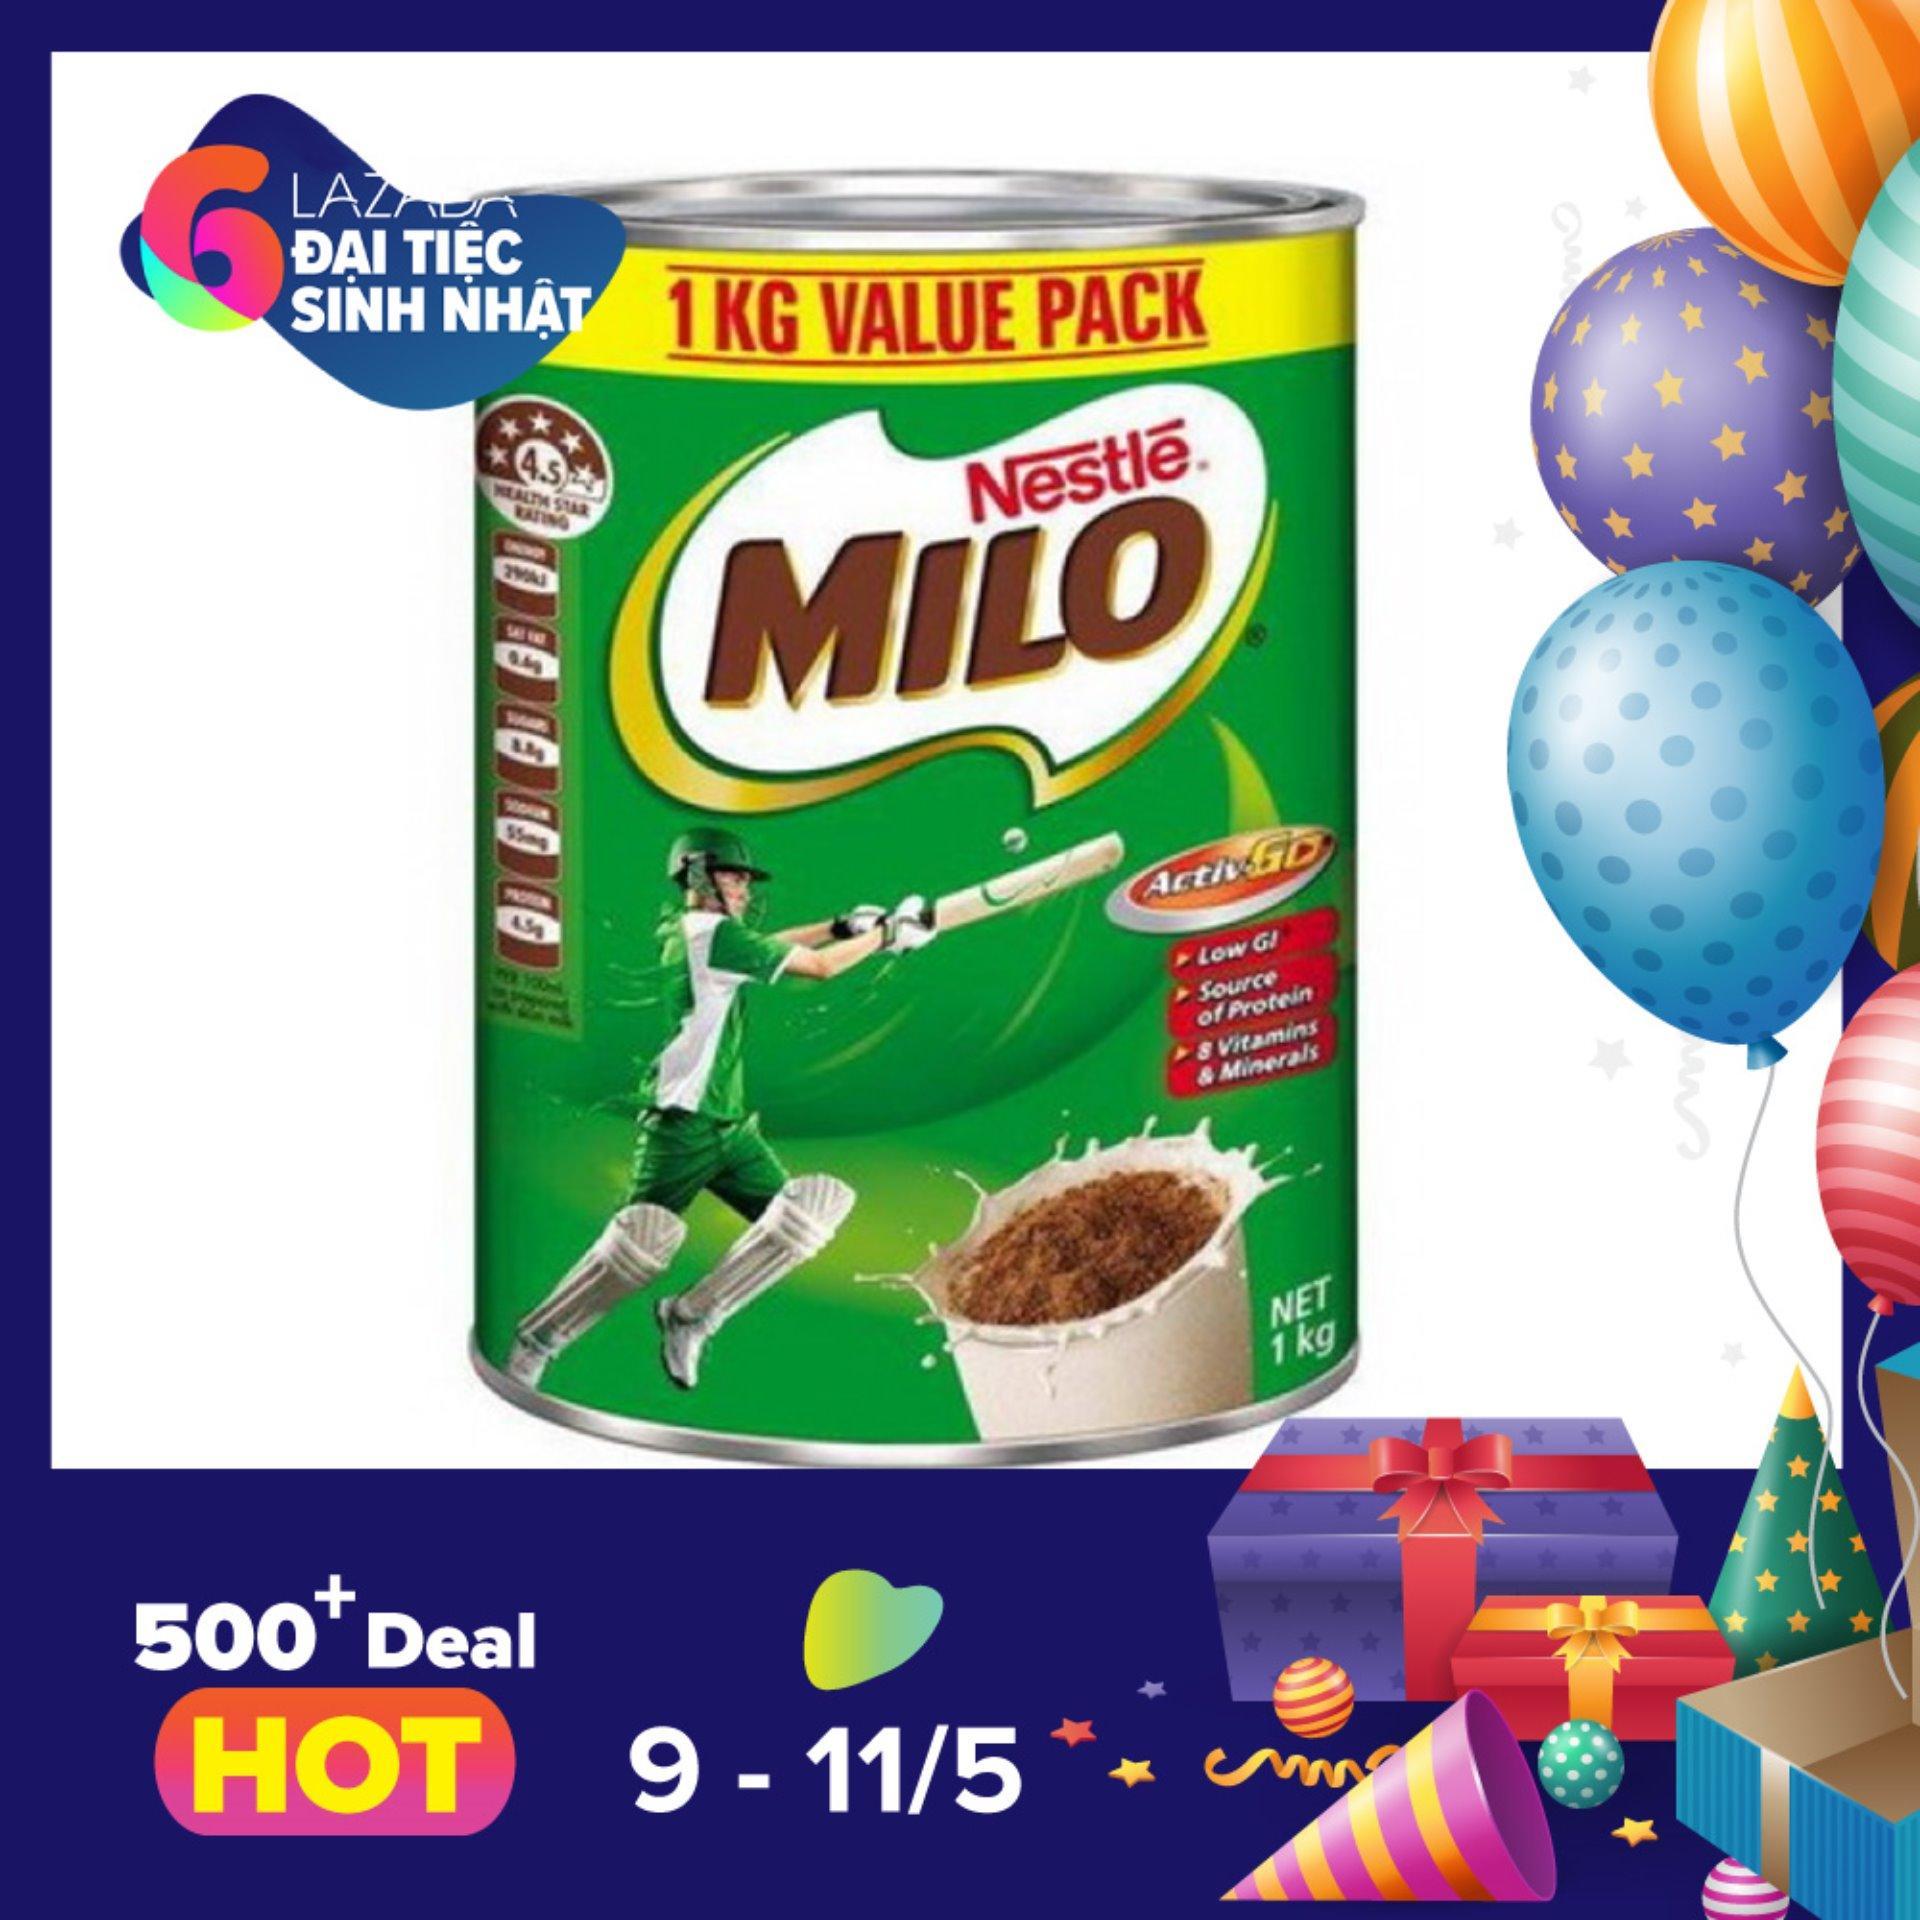 Ôn Tập Sữa Nestle Milo 1Kg Hồ Chí Minh